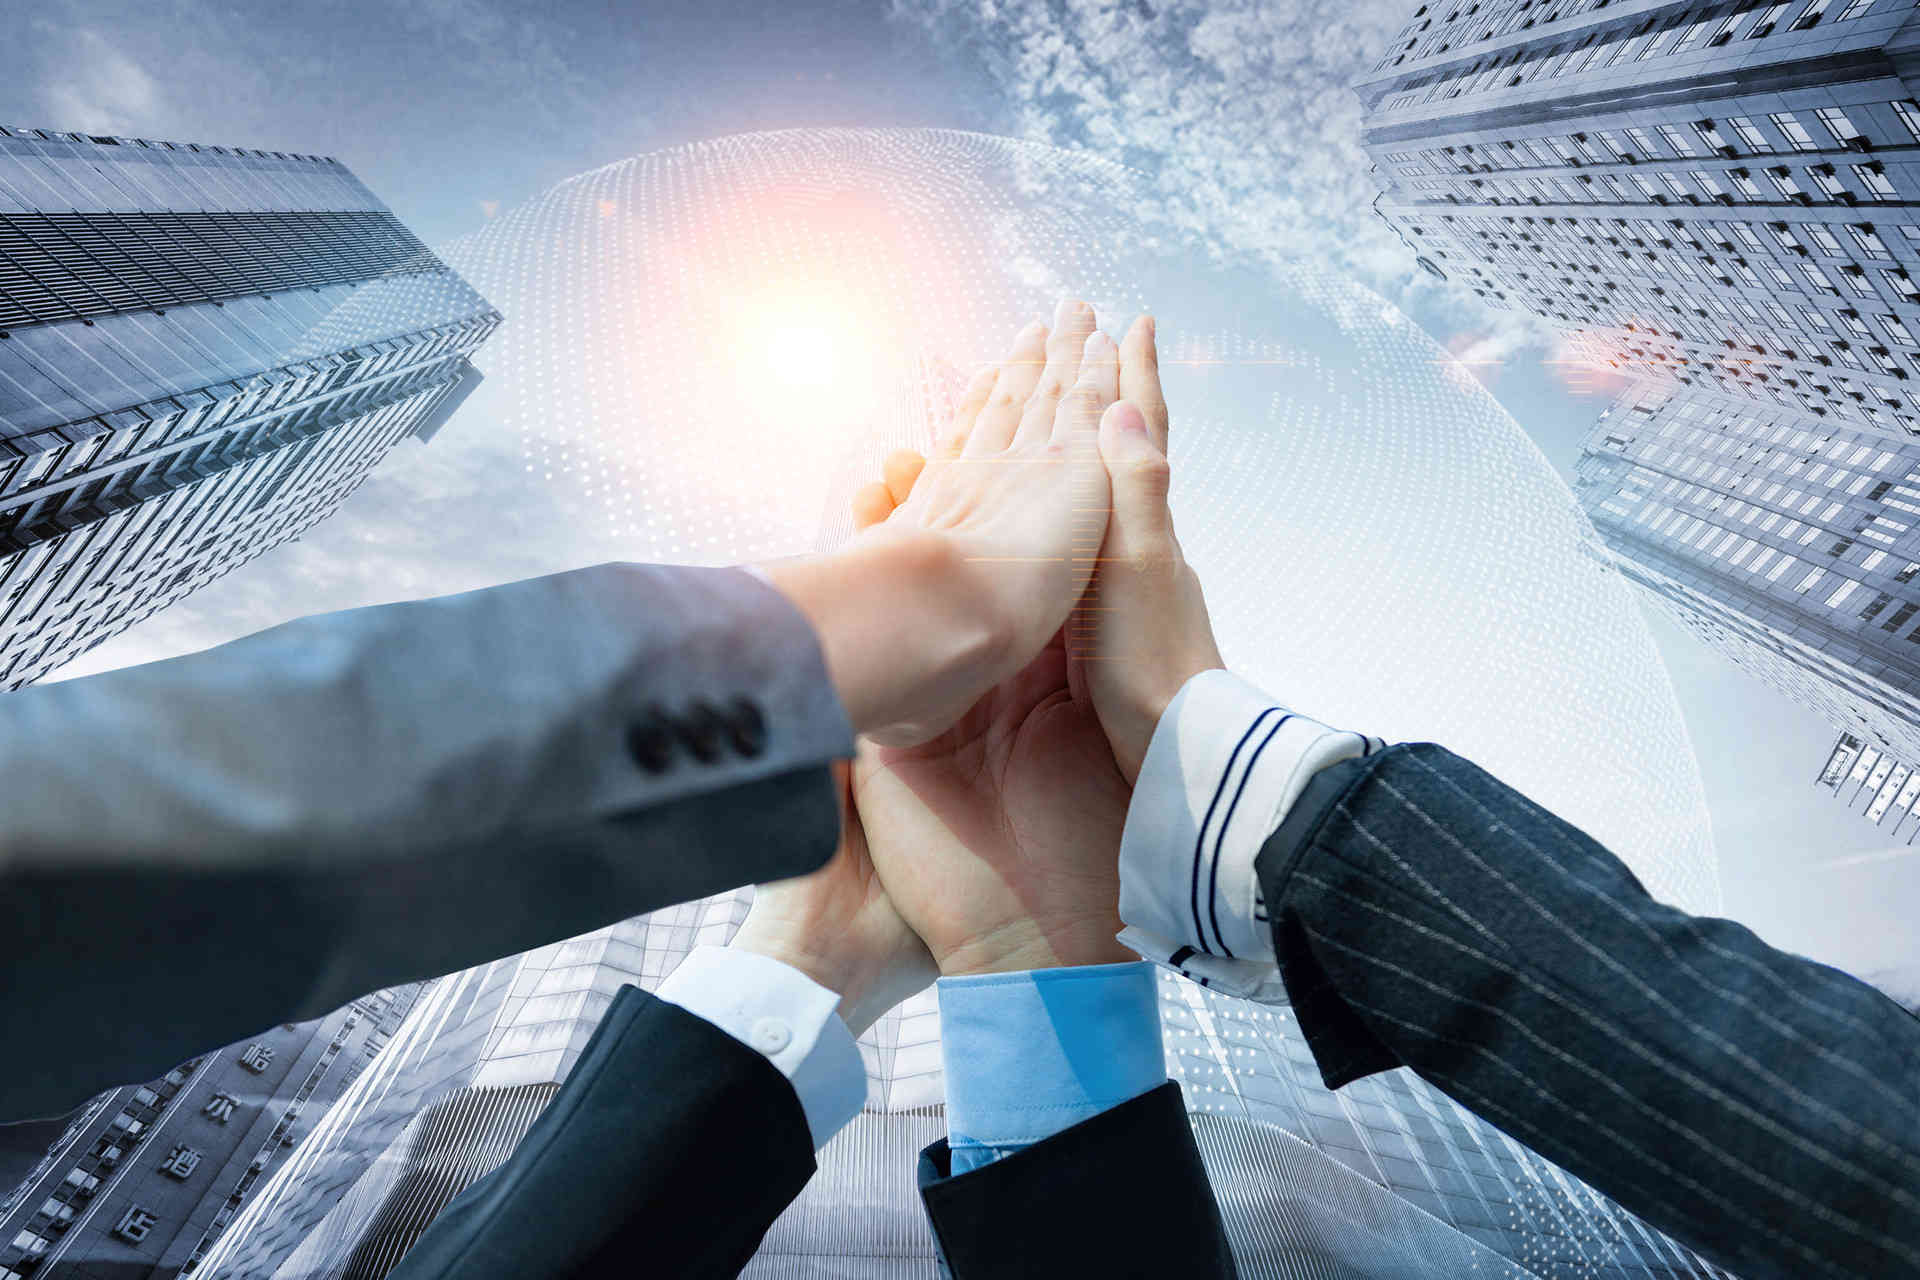 代理记账,深圳代理记账企业的优势,深圳代理记账